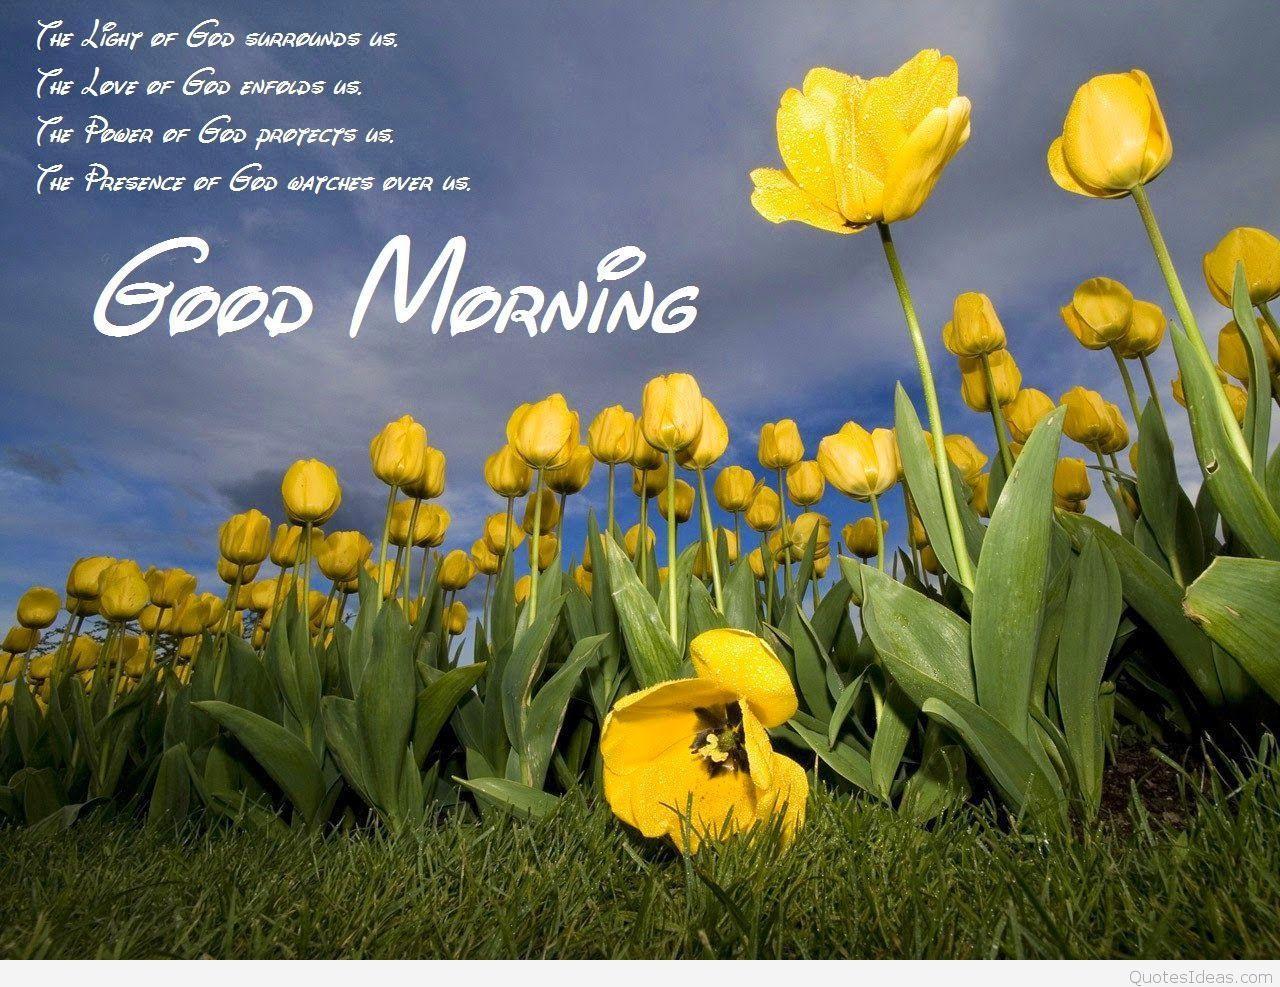 1280x987 Chào buổi sáng tách cà phê hình nền độ nét cao